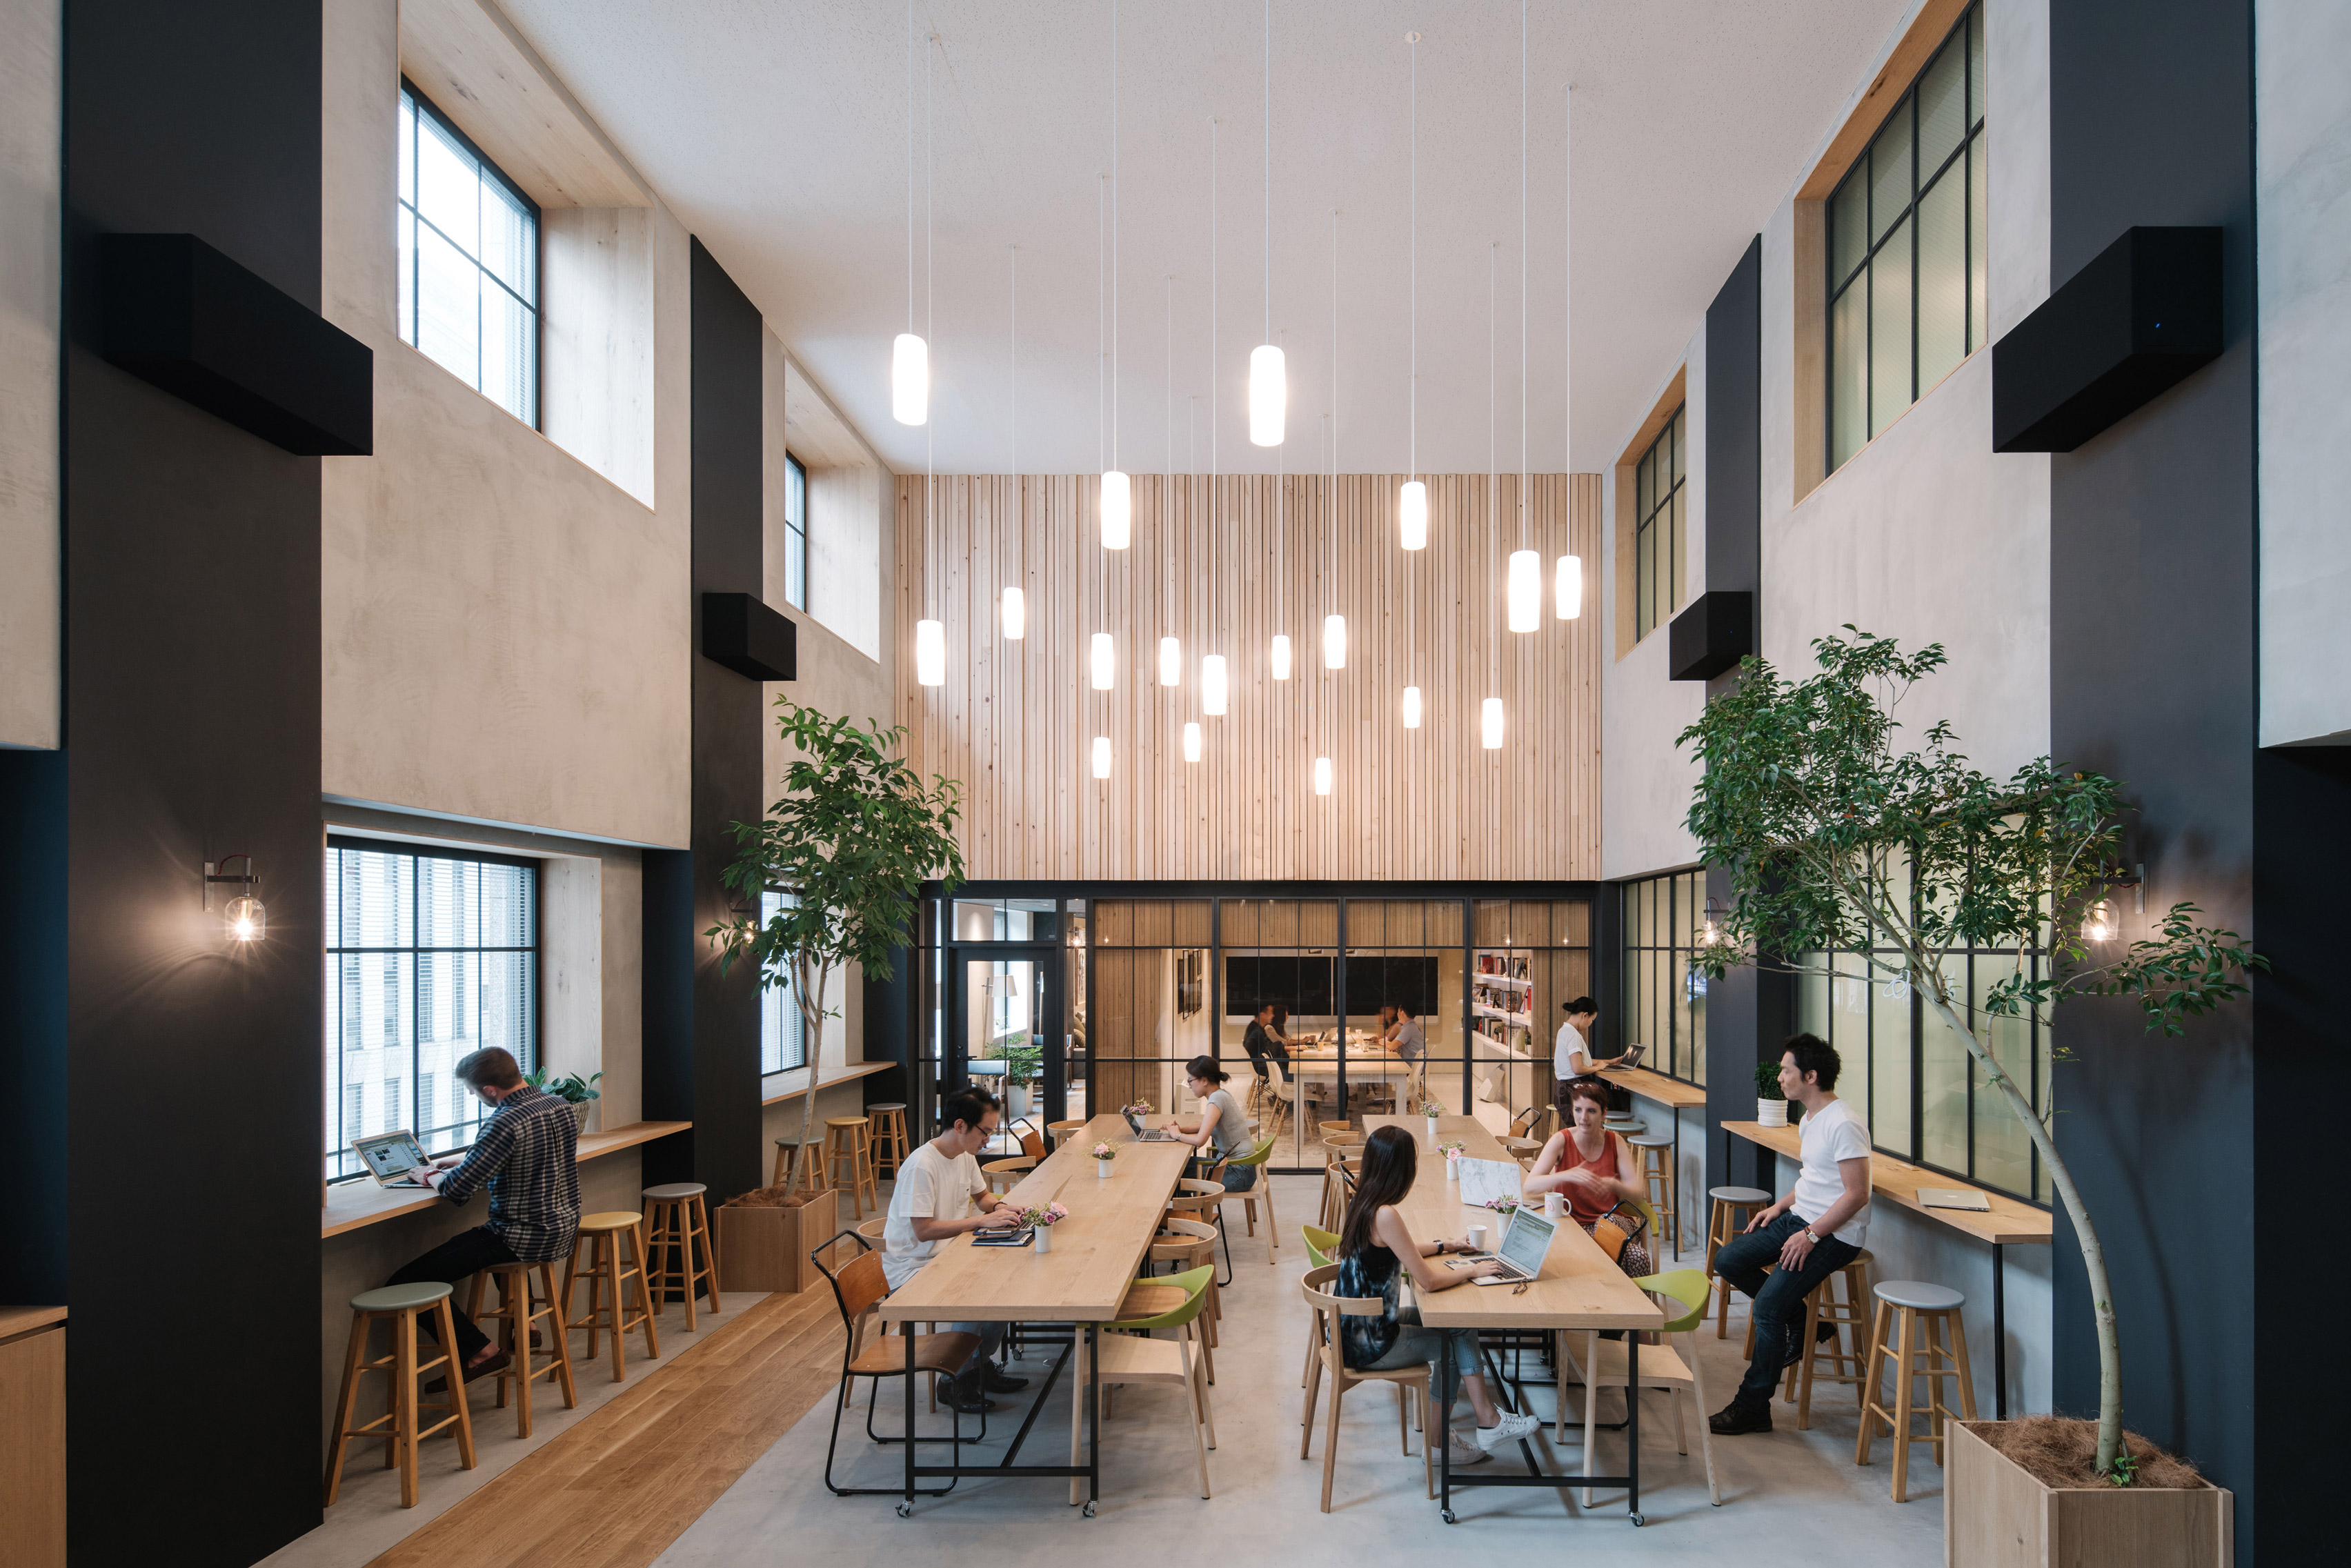 airbnb-tokyo-office-_dezeen_3408_0